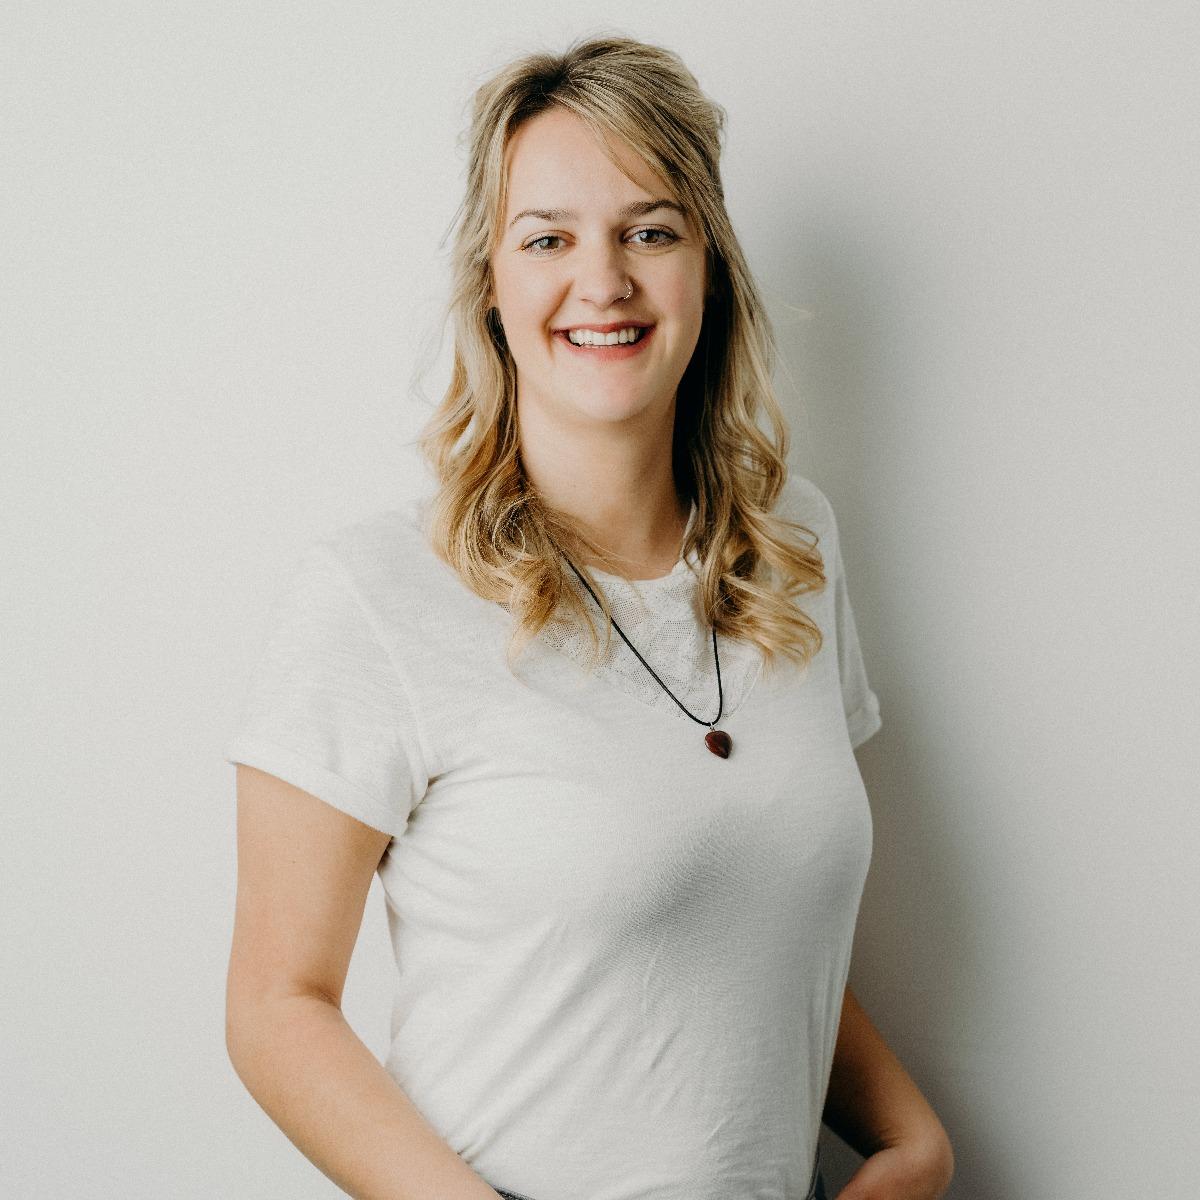 Karin Wyssen